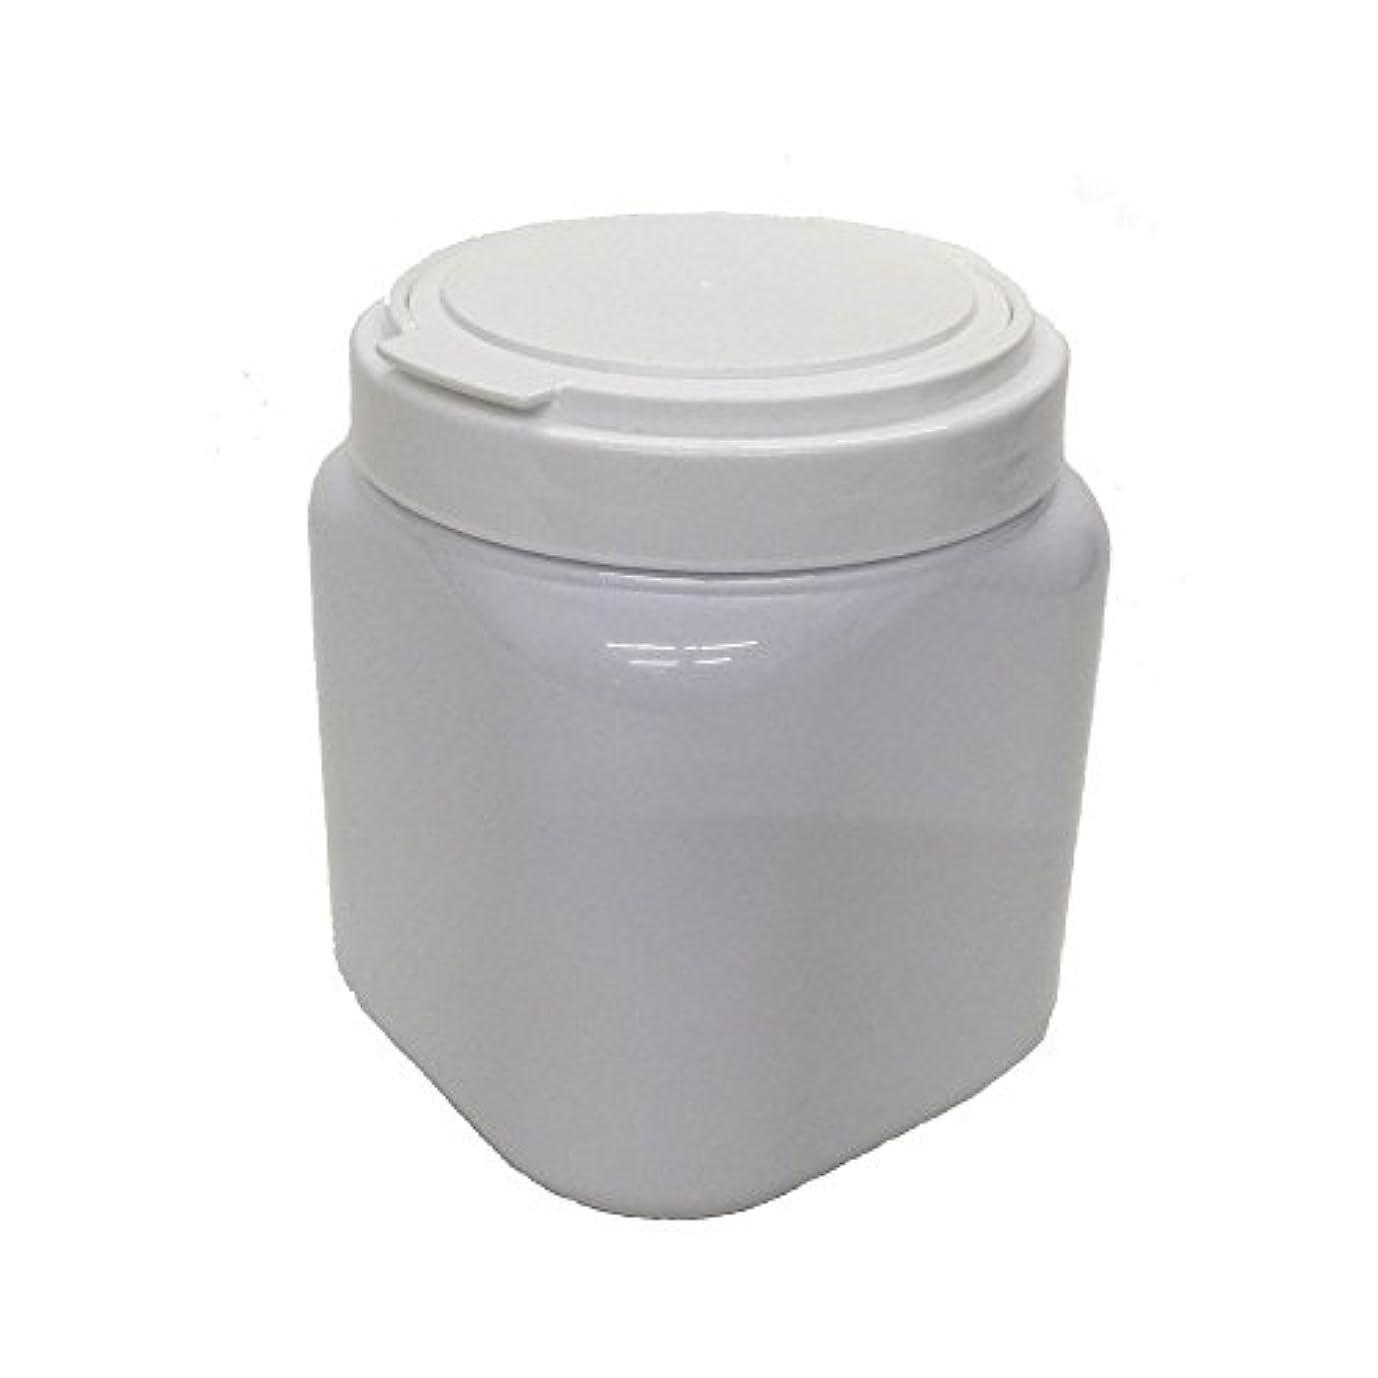 輝度テキスト喉頭cubebox-WH-1500(ホワイト)【選べるラベル付き!】 ((Skinny)スキニー調)